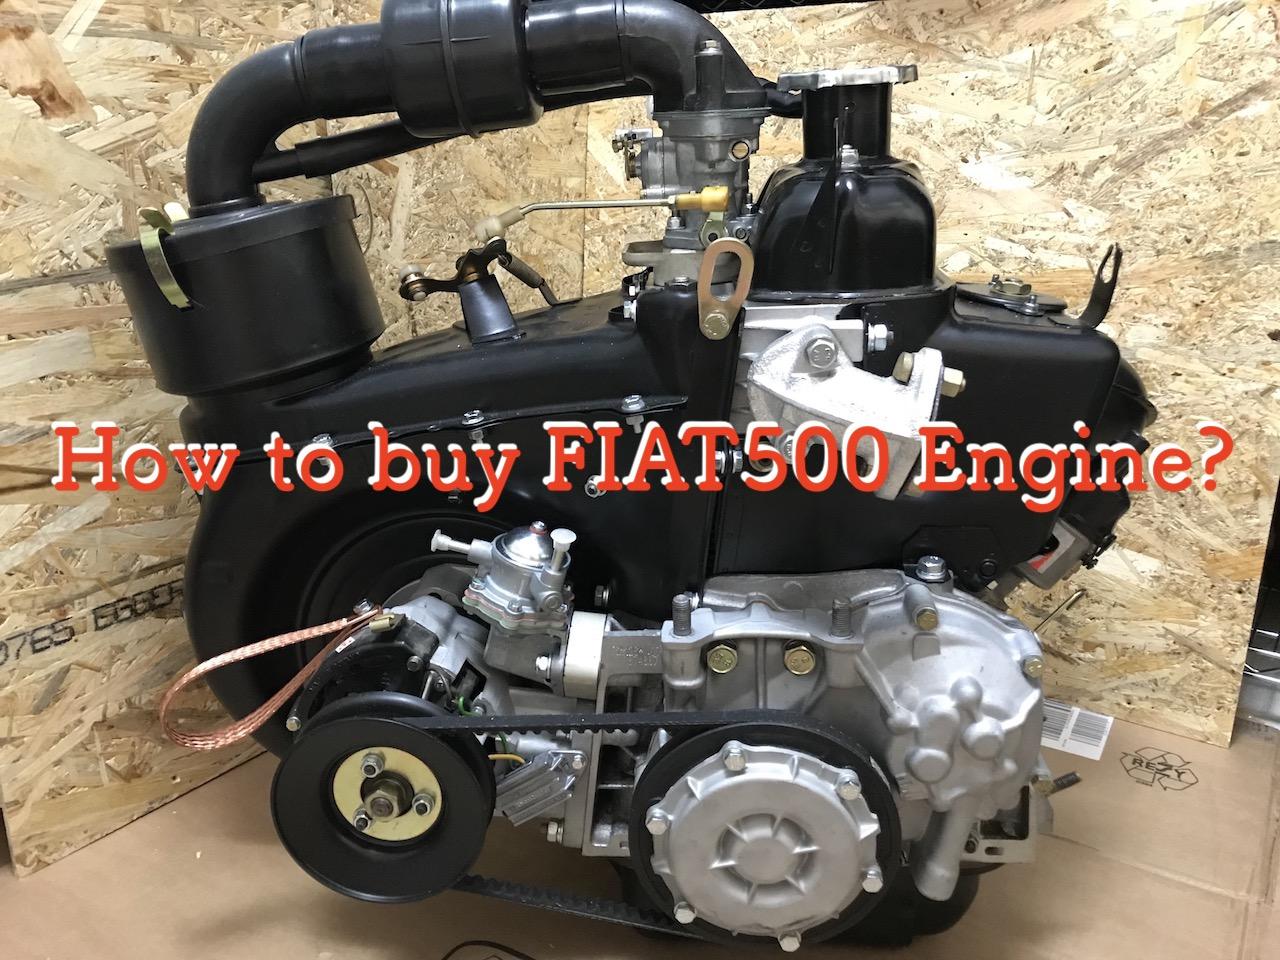 輸入した『旧チンクエチェント500』の新品エンジンが日本にやってきた!!